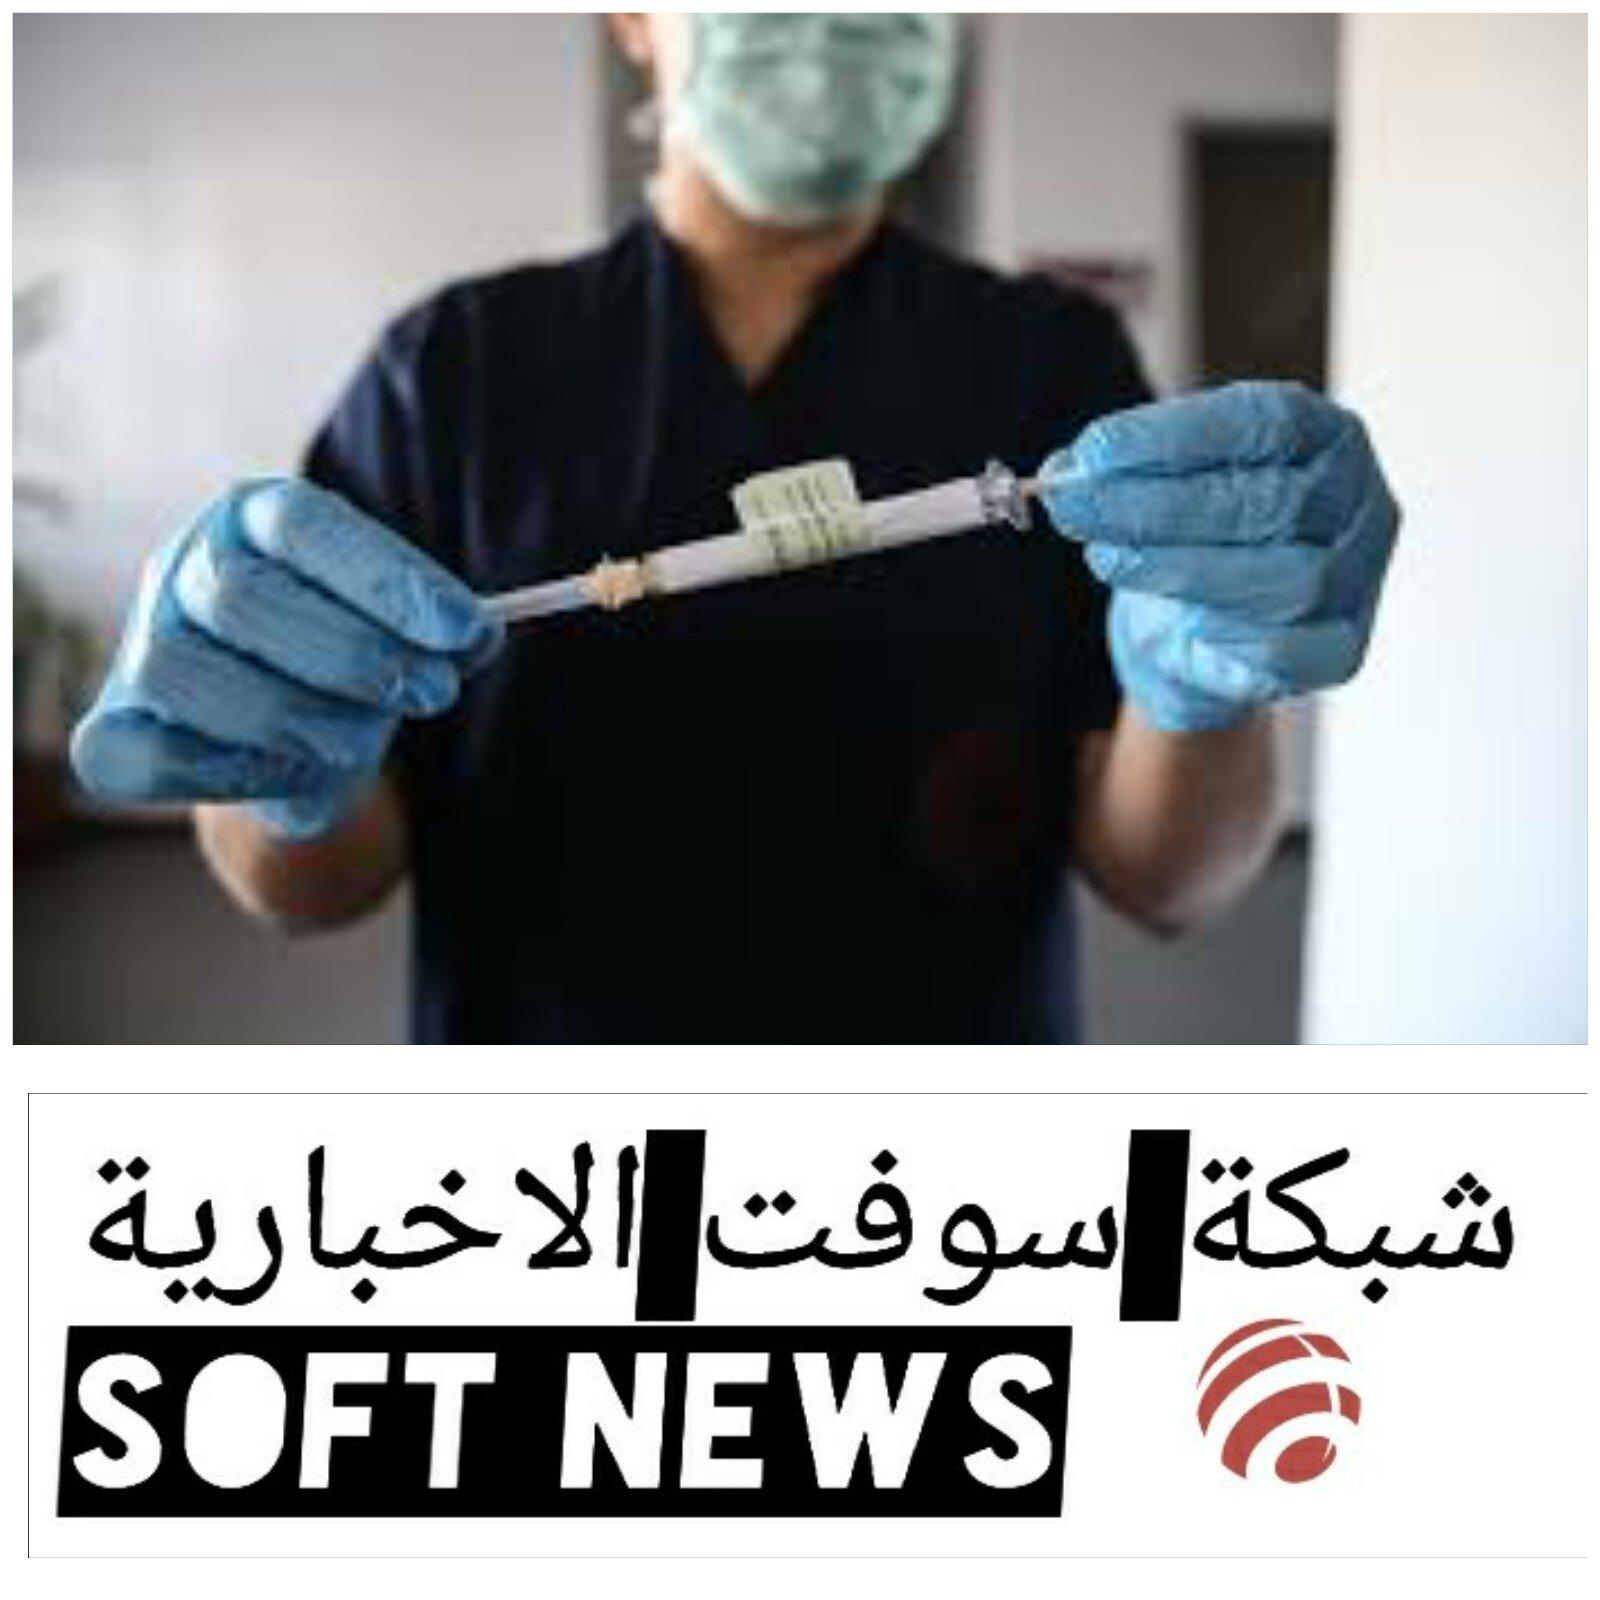 إسرائيل : نتاج لقاح فايزر بيونتيك المضاد لفيروس كوروناء ، مبشرة